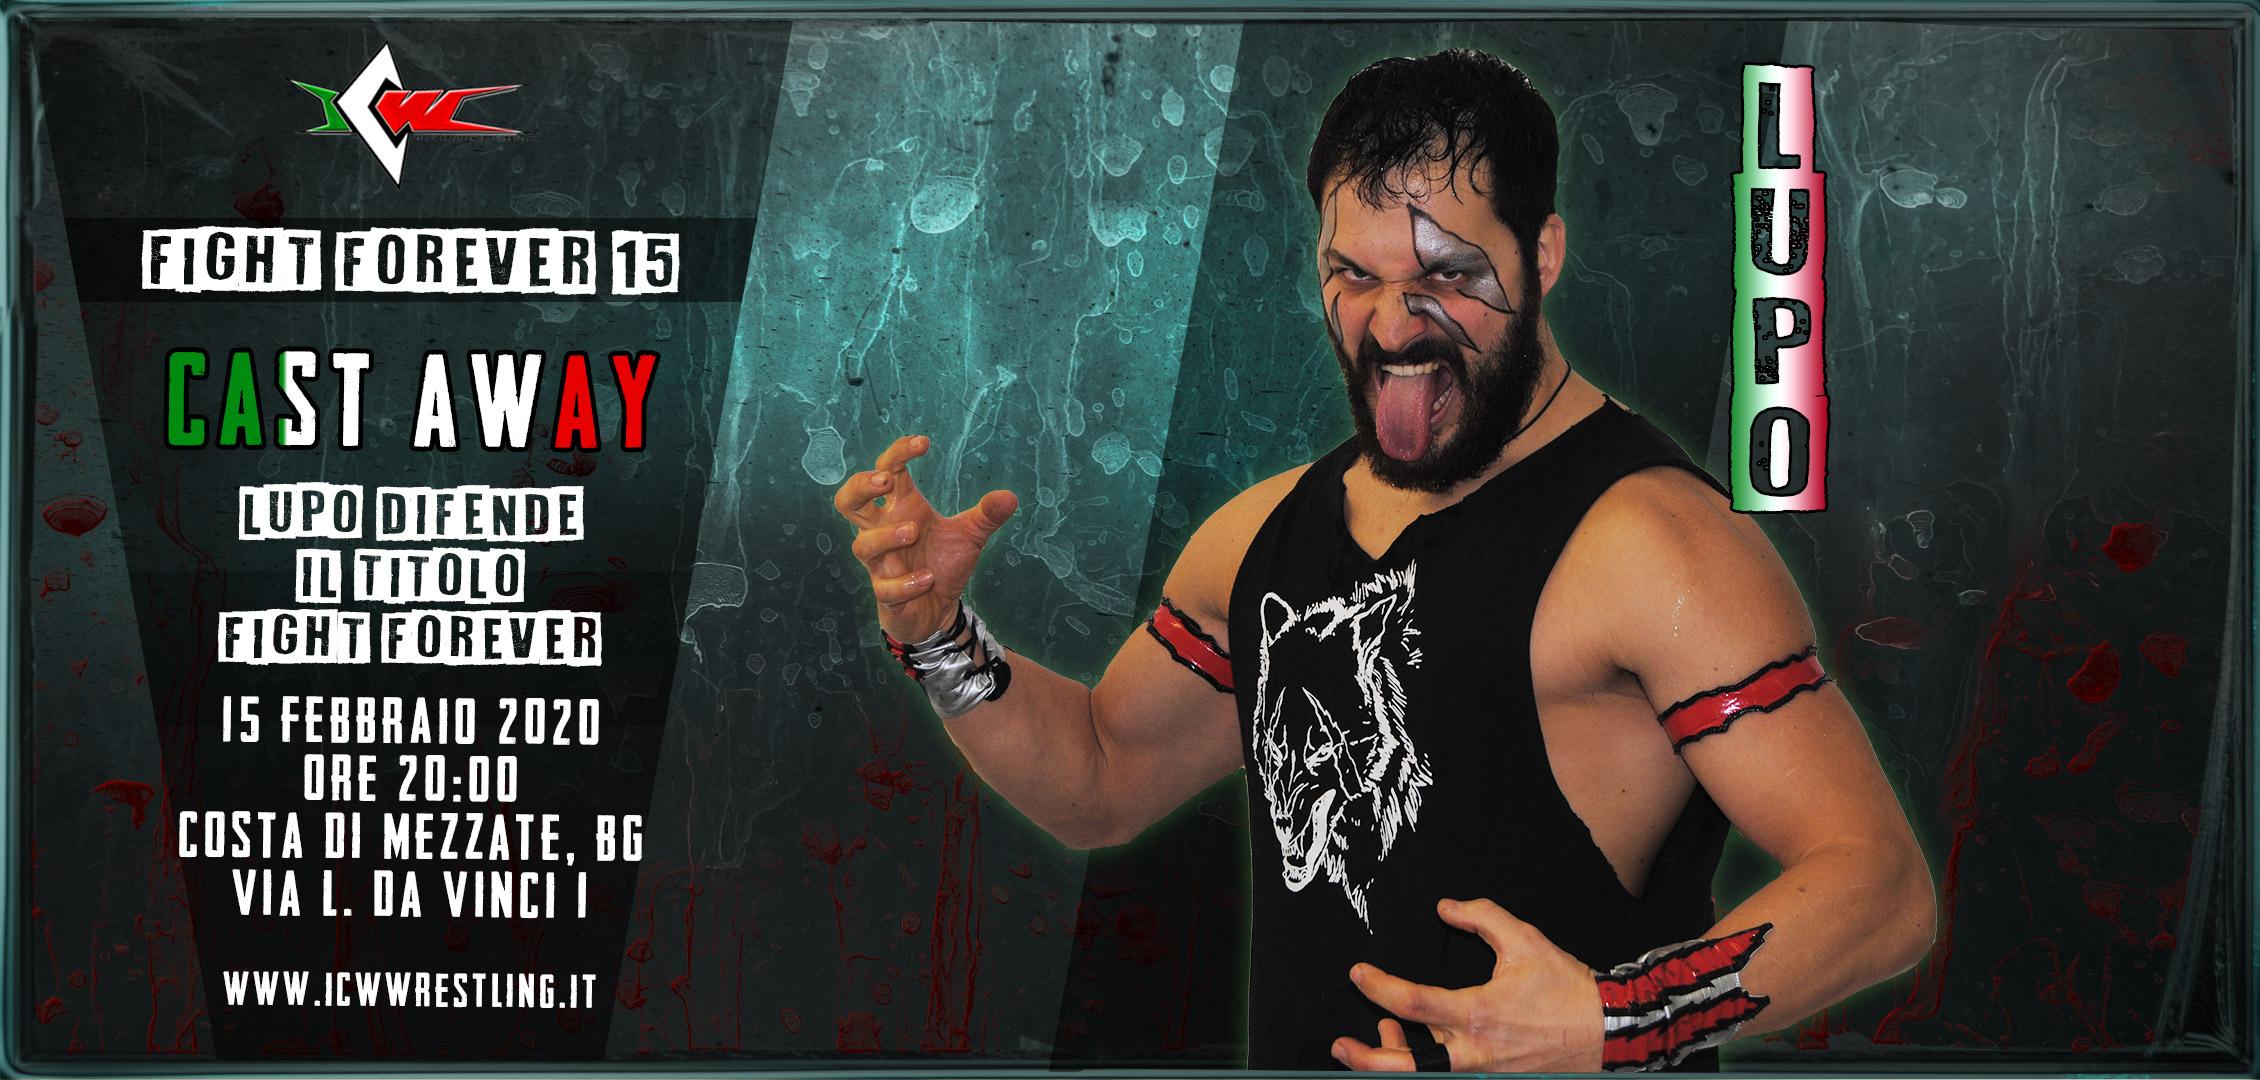 Il 15 Febbraio a Bergamo è tempo di ICW Fight Forever #15: Cast Away!